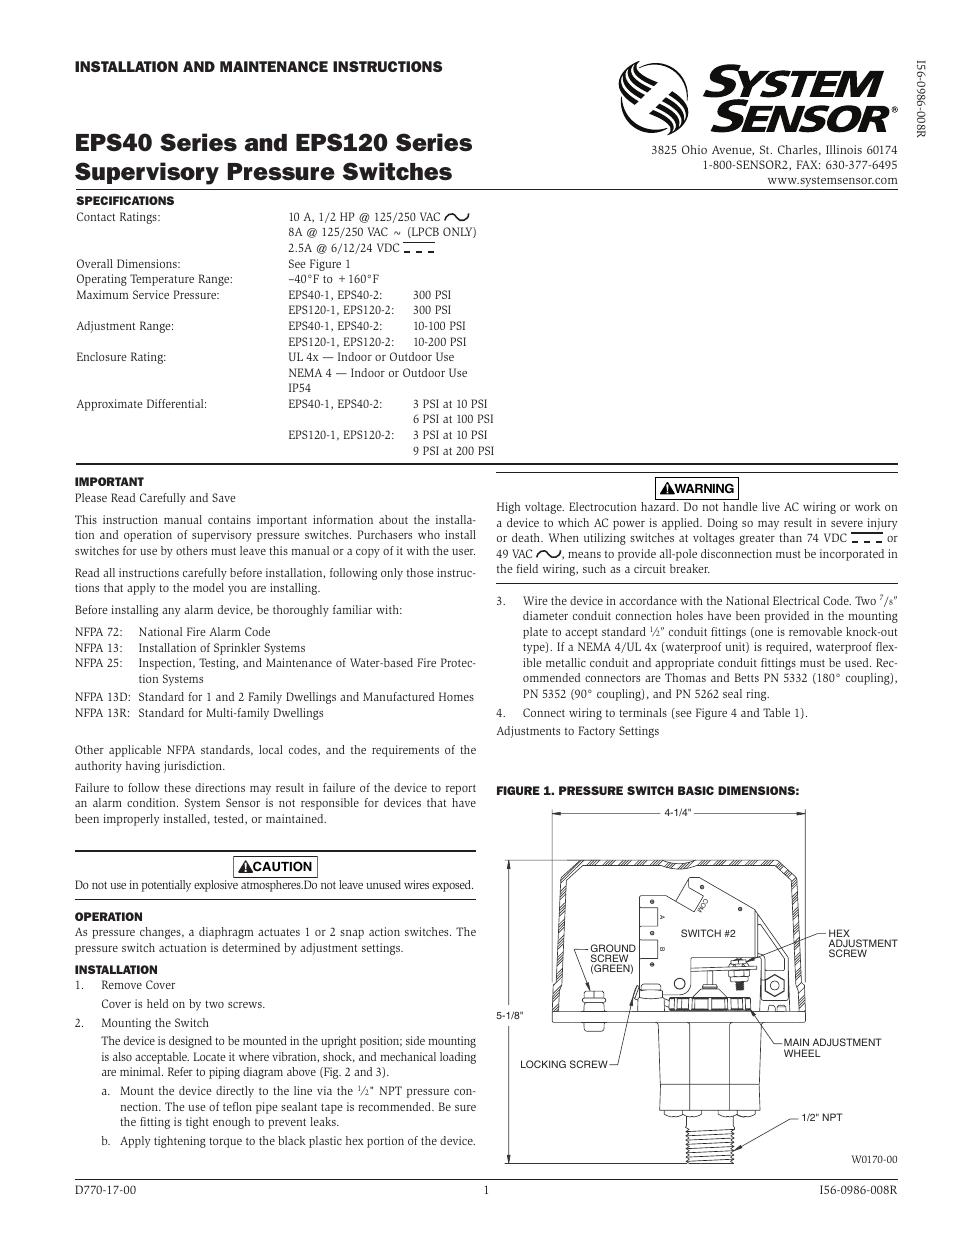 System Sensor EPS40, EPS40-2, EPS120-1, and EPS120-2 User